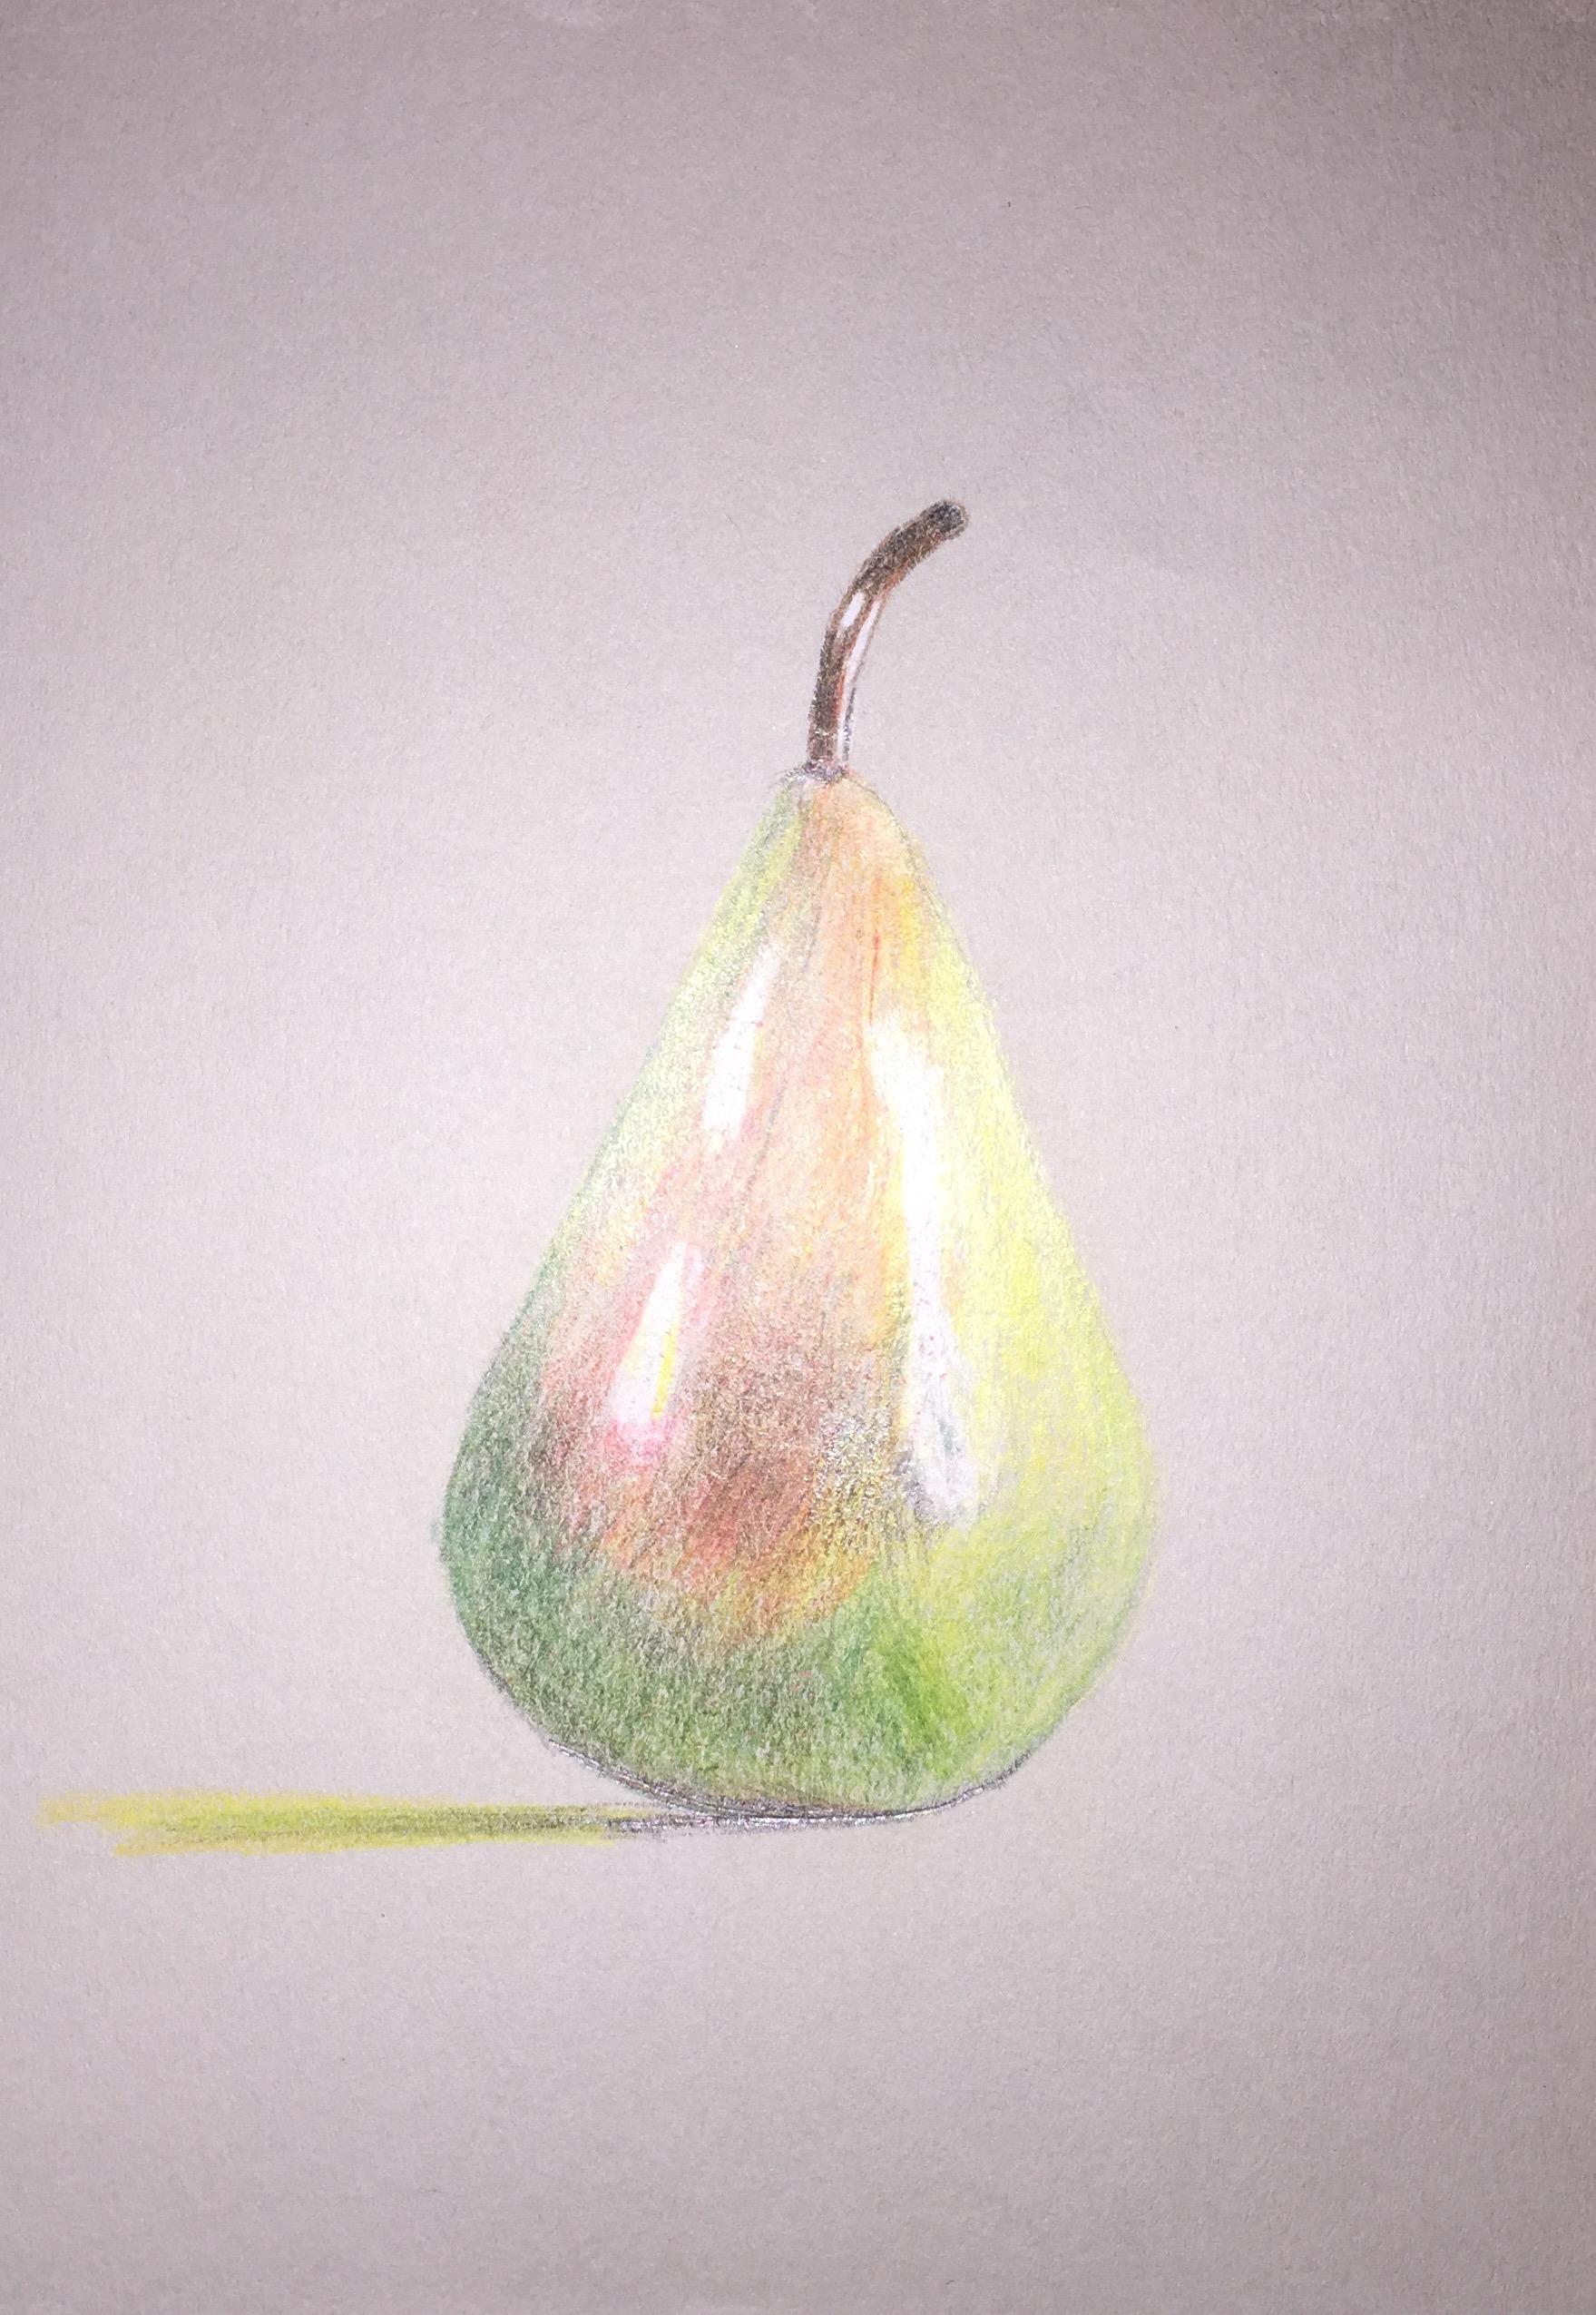 Tony J pear.jpg